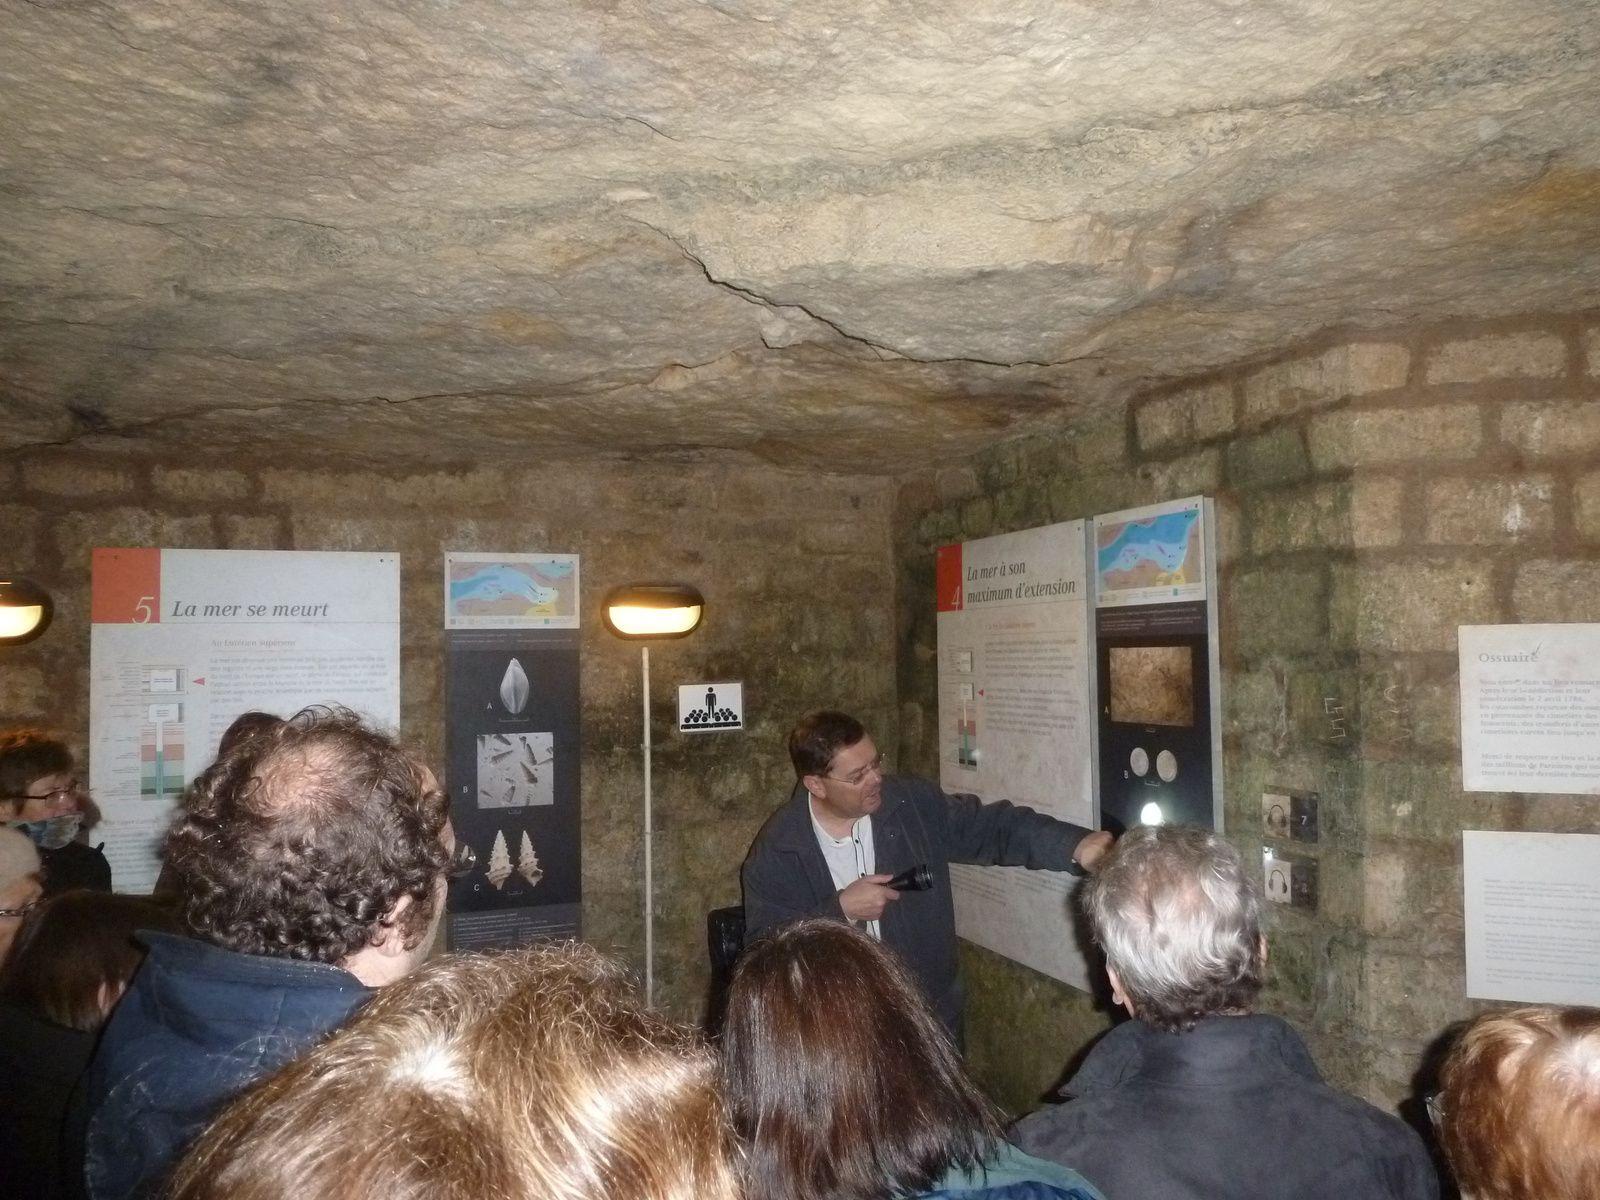 CR. de la visite dans les Catacombes le samedi 17 décembre 2016 avec JP. Gély